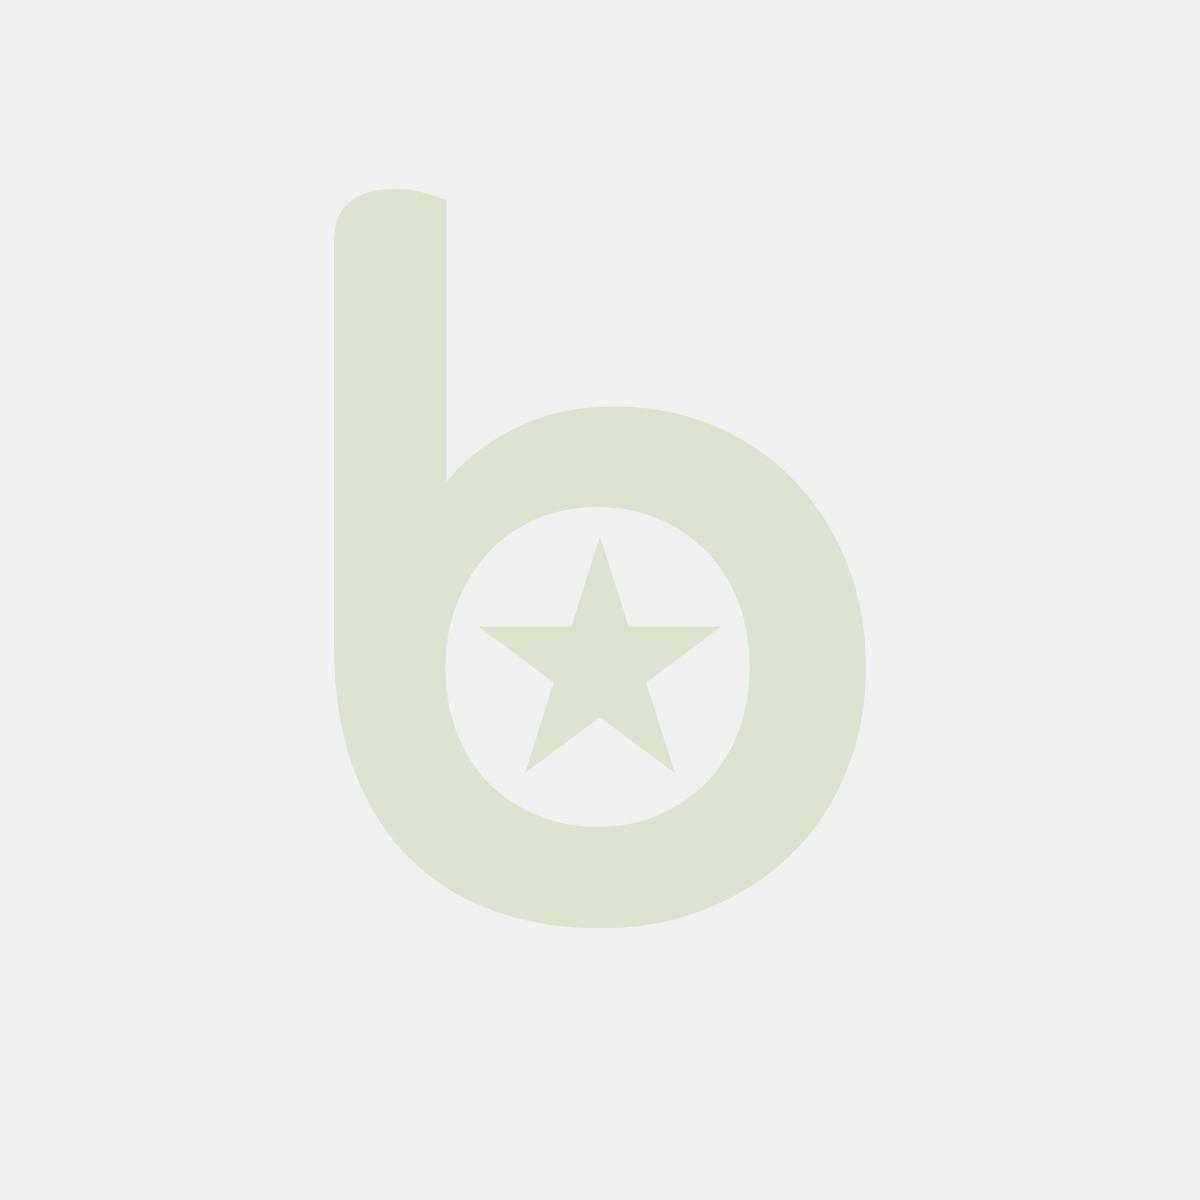 Taśma pakowa do wysyłek SCOTCH® Hot-melt (371), 50mm, 66m, brązowa